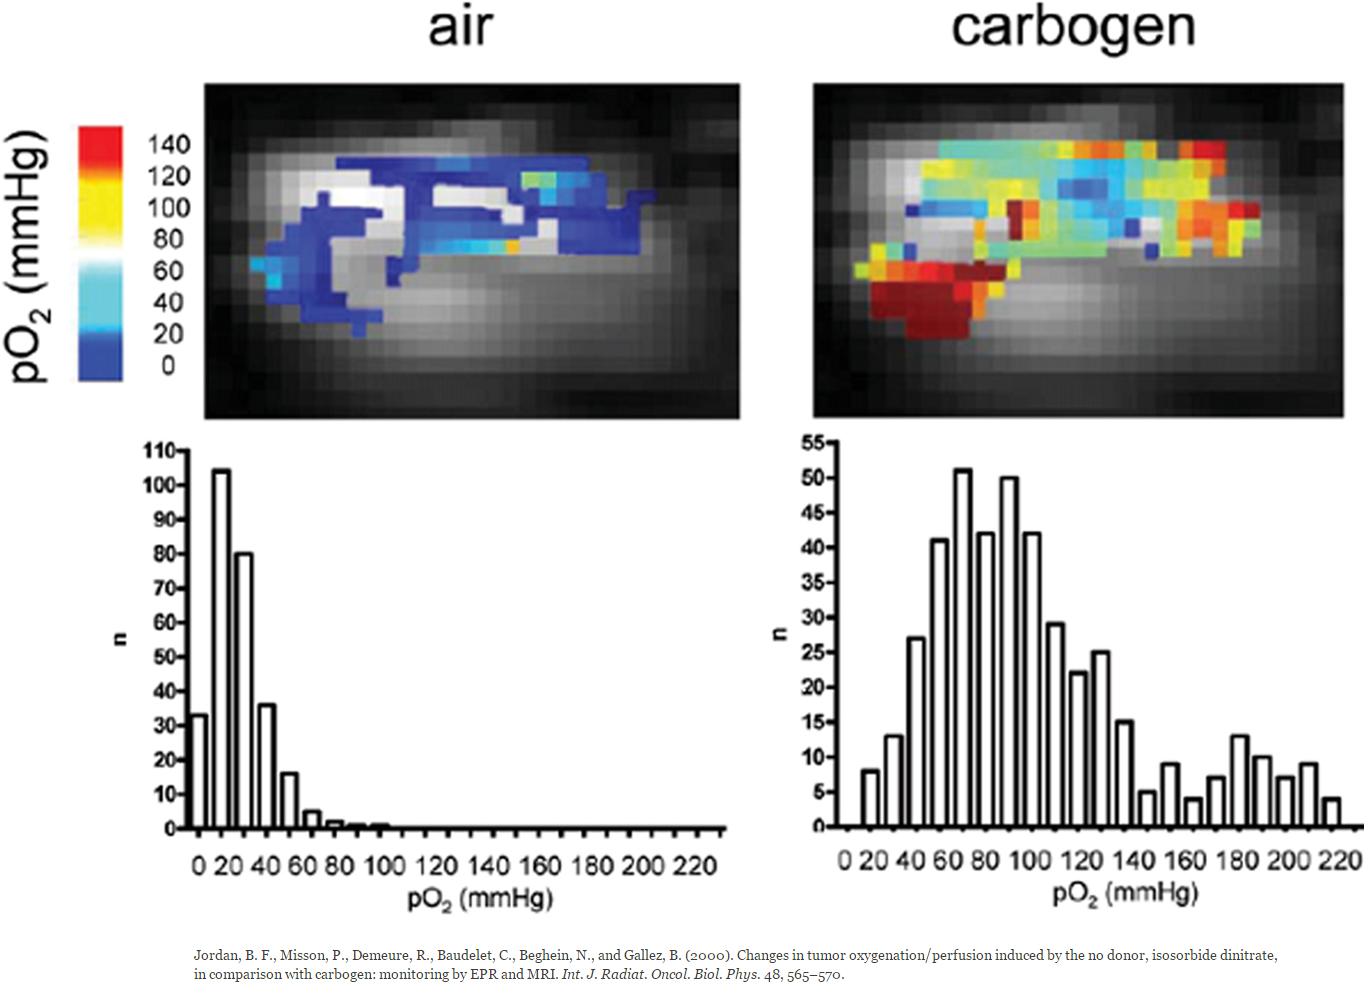 carbogen vs air